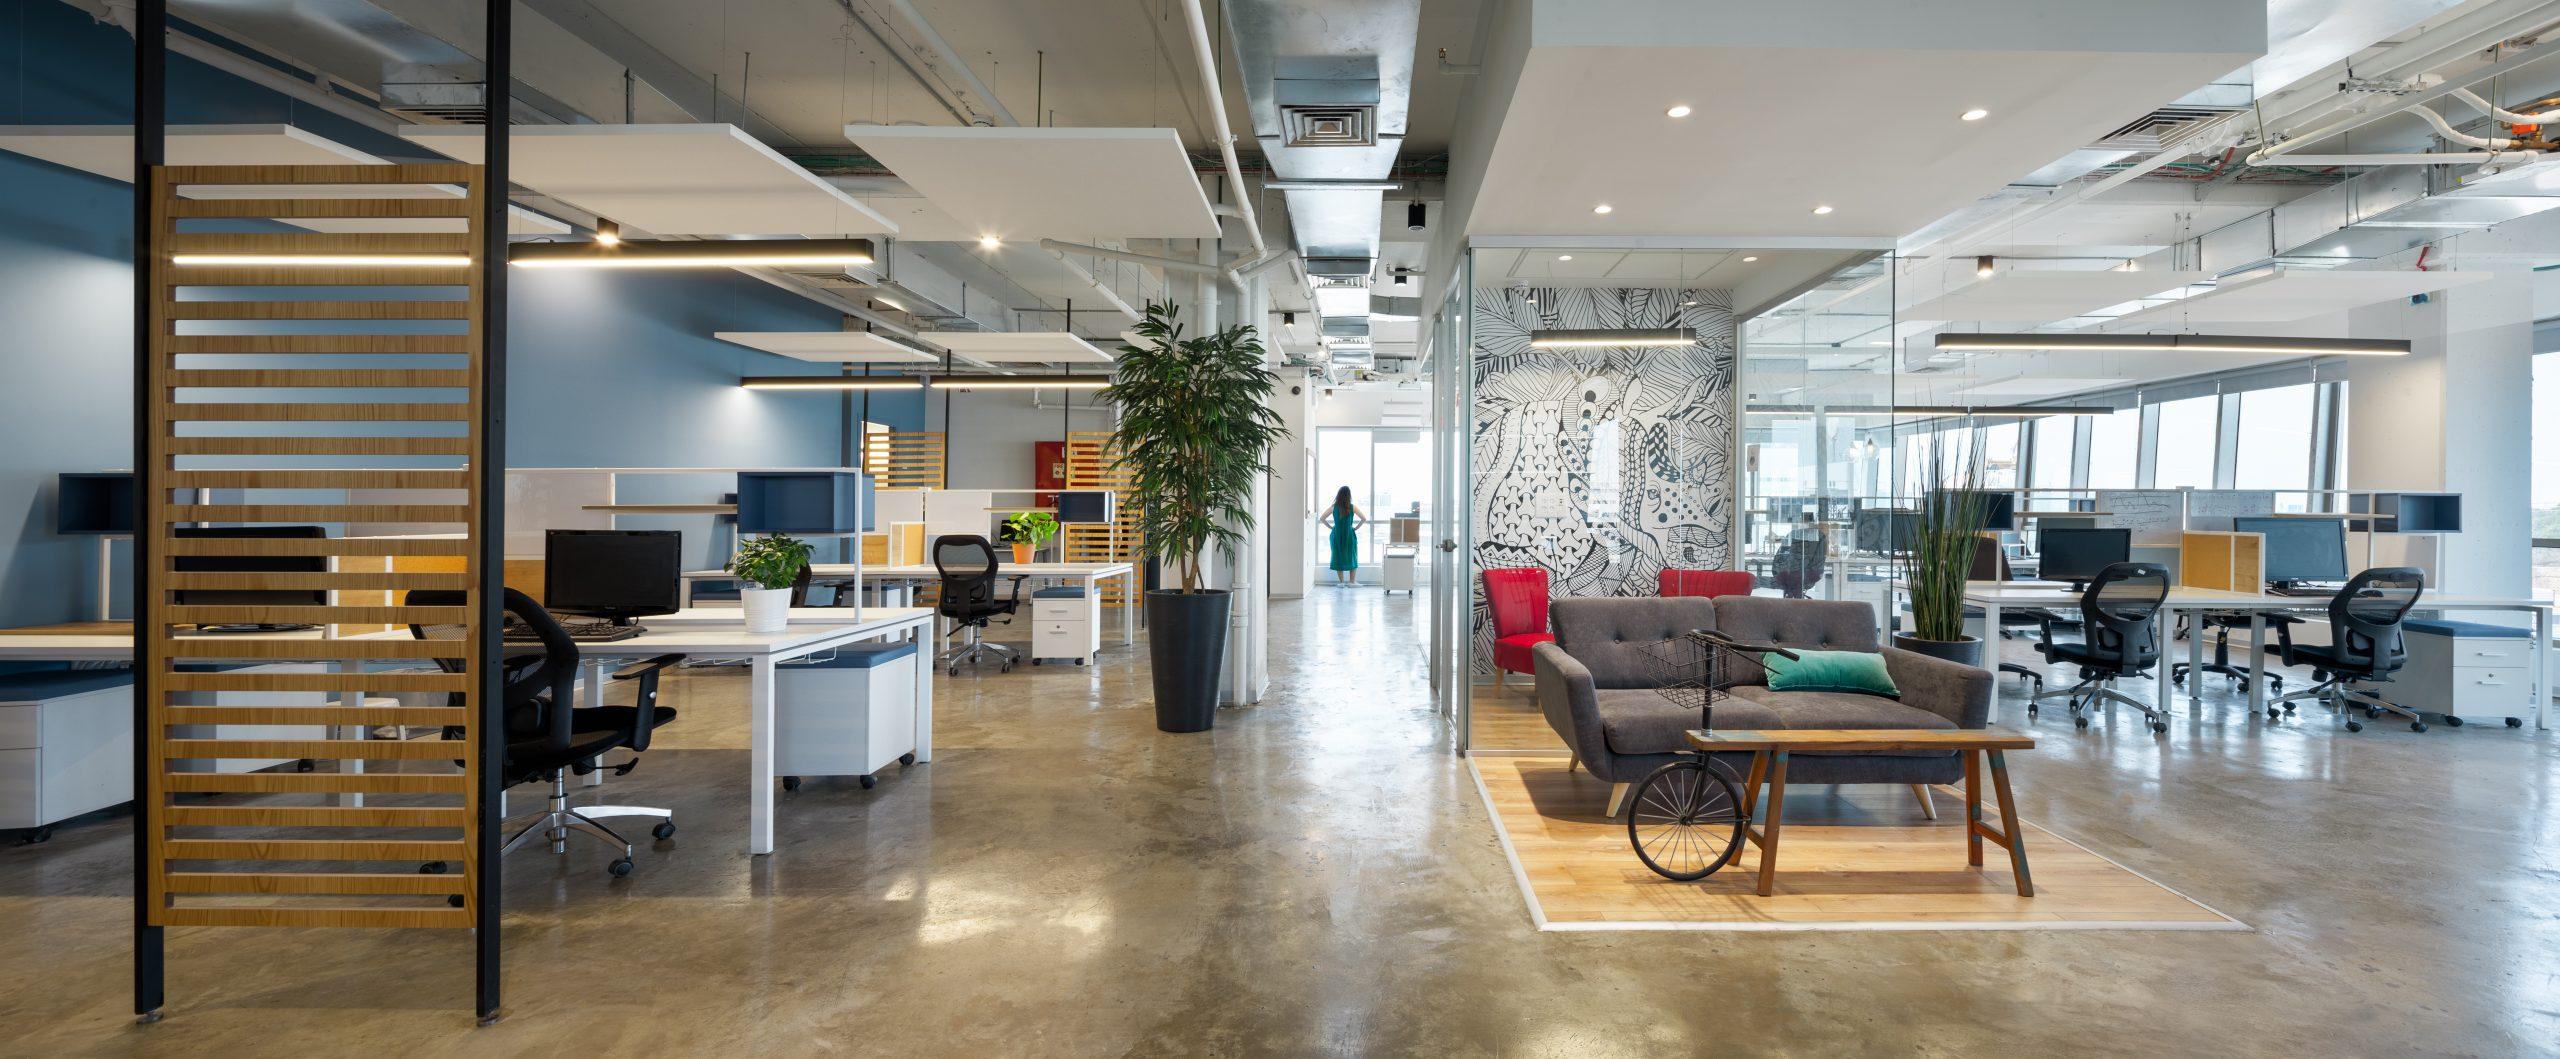 עיצוב משרדים CLEW